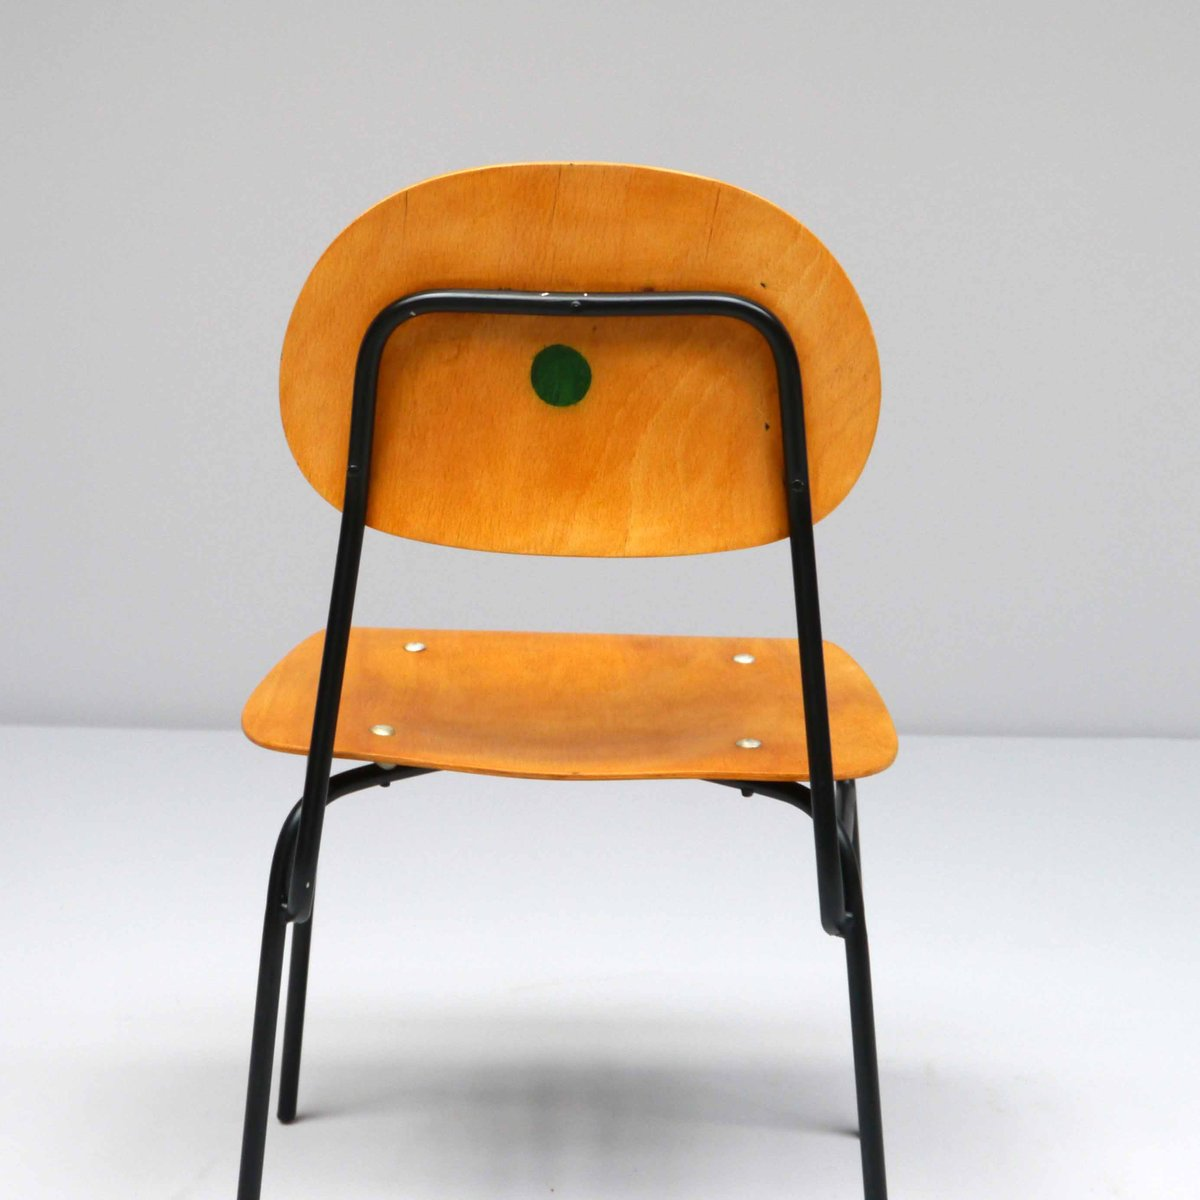 sedia da scuola vintage, anni '60 in vendita su pamono - Sedie Vintage Anni 60